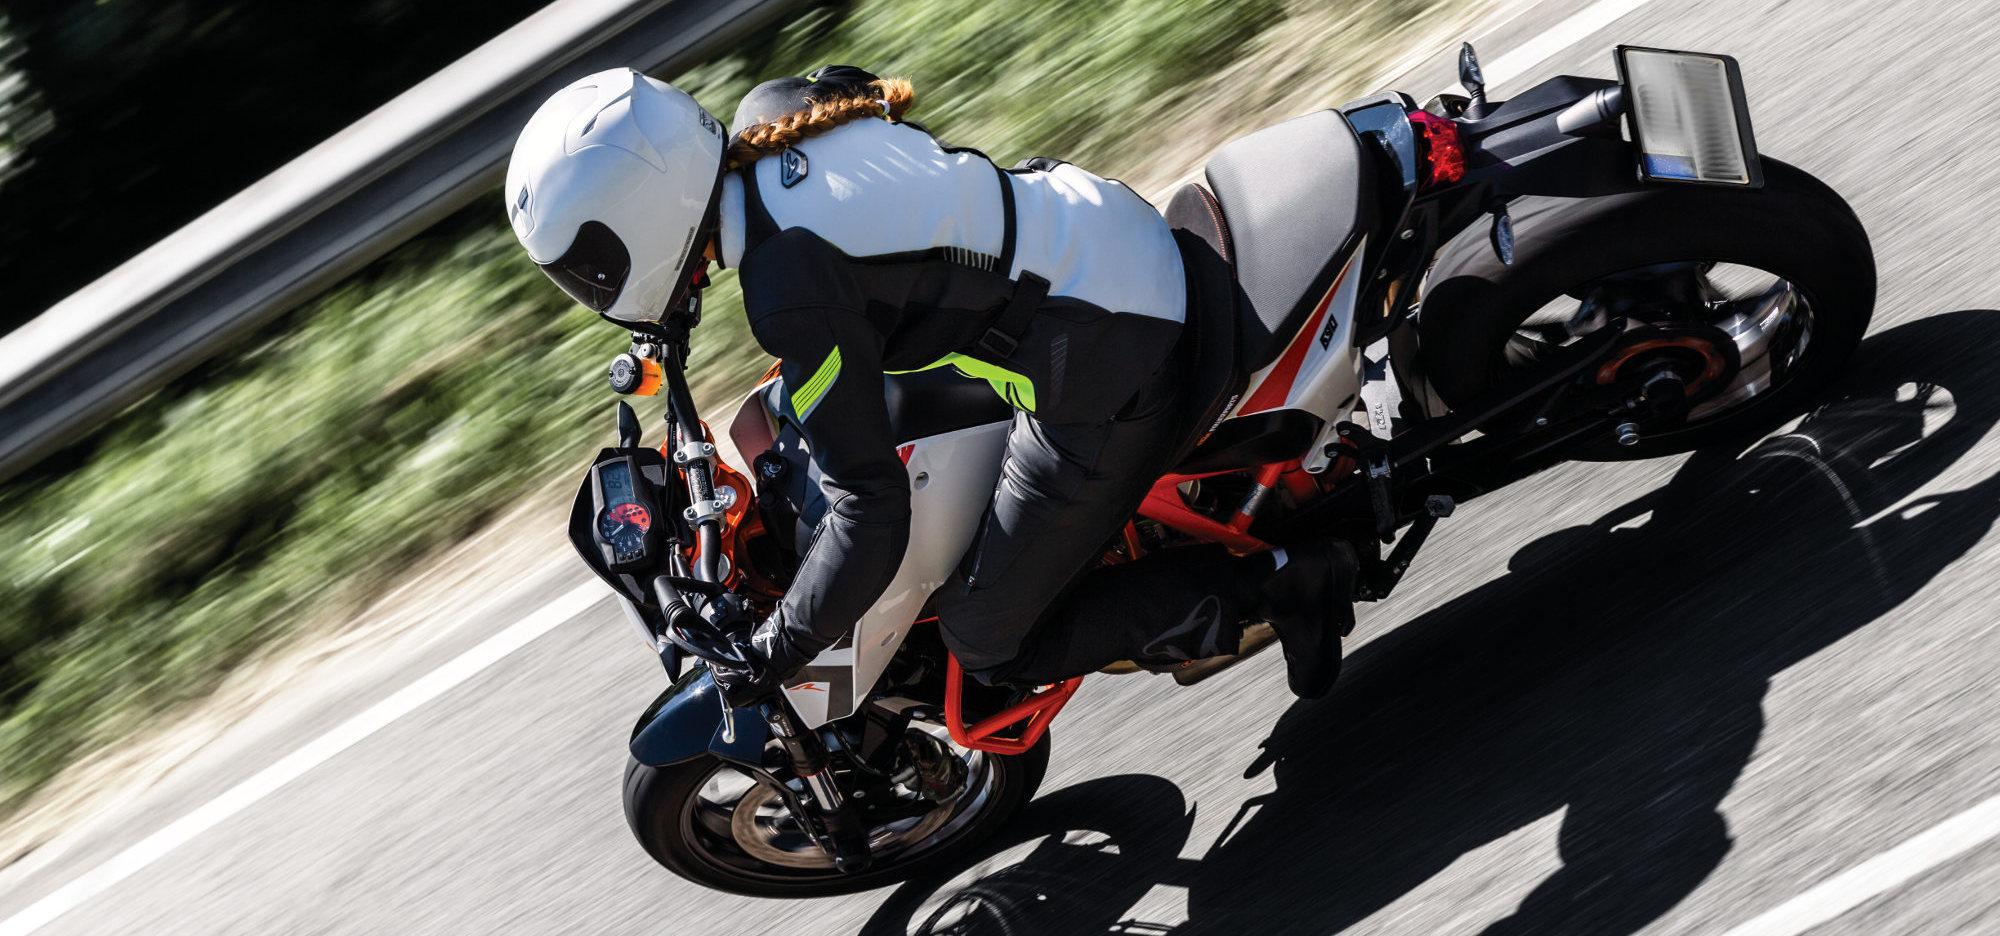 Equipement moto fluo